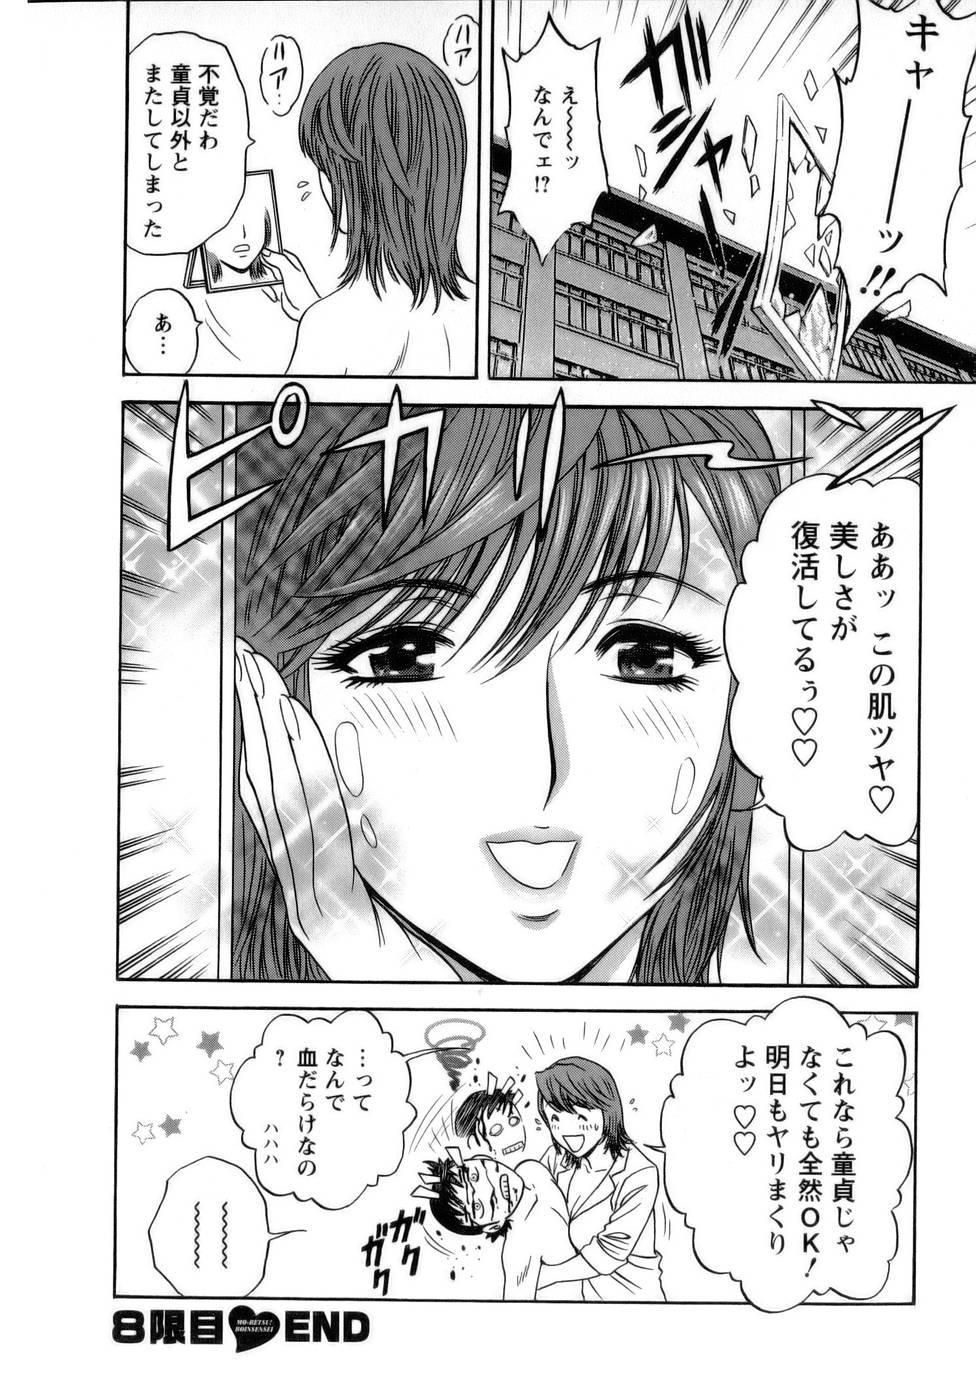 [Hidemaru] Mo-Retsu! Boin Sensei (Boing Boing Teacher) Vol.1 171